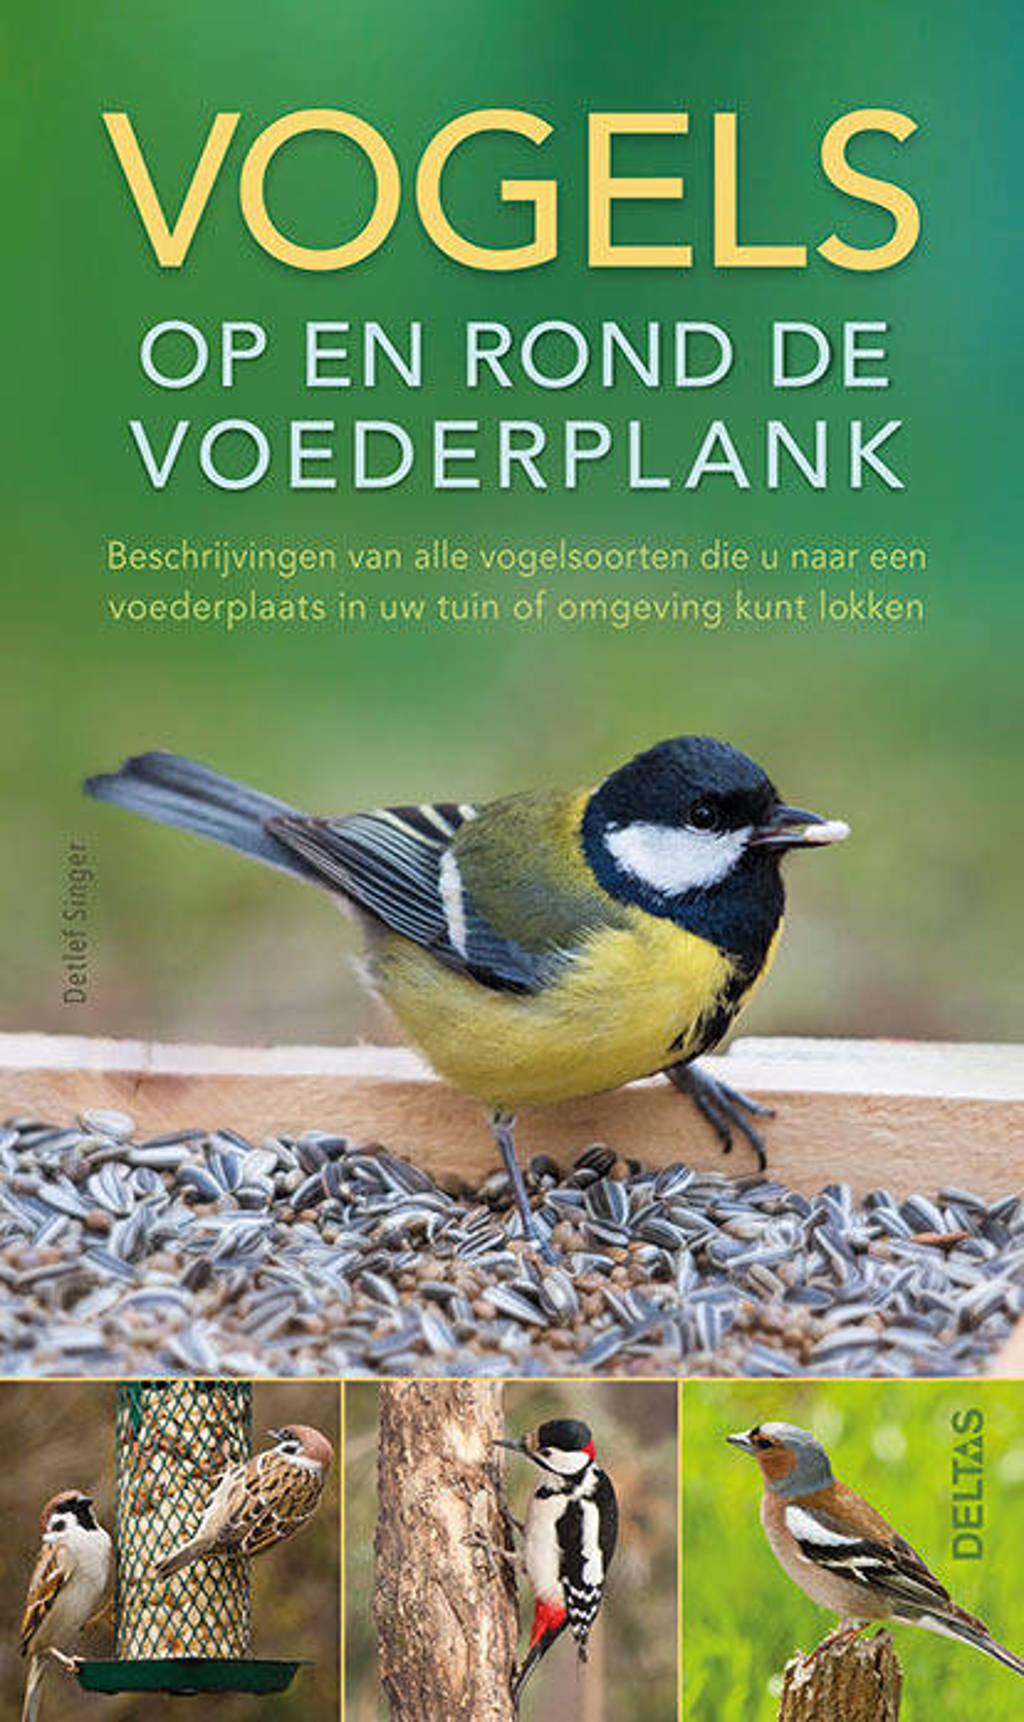 Vogels op en rond de voederplank - Detlef Singer